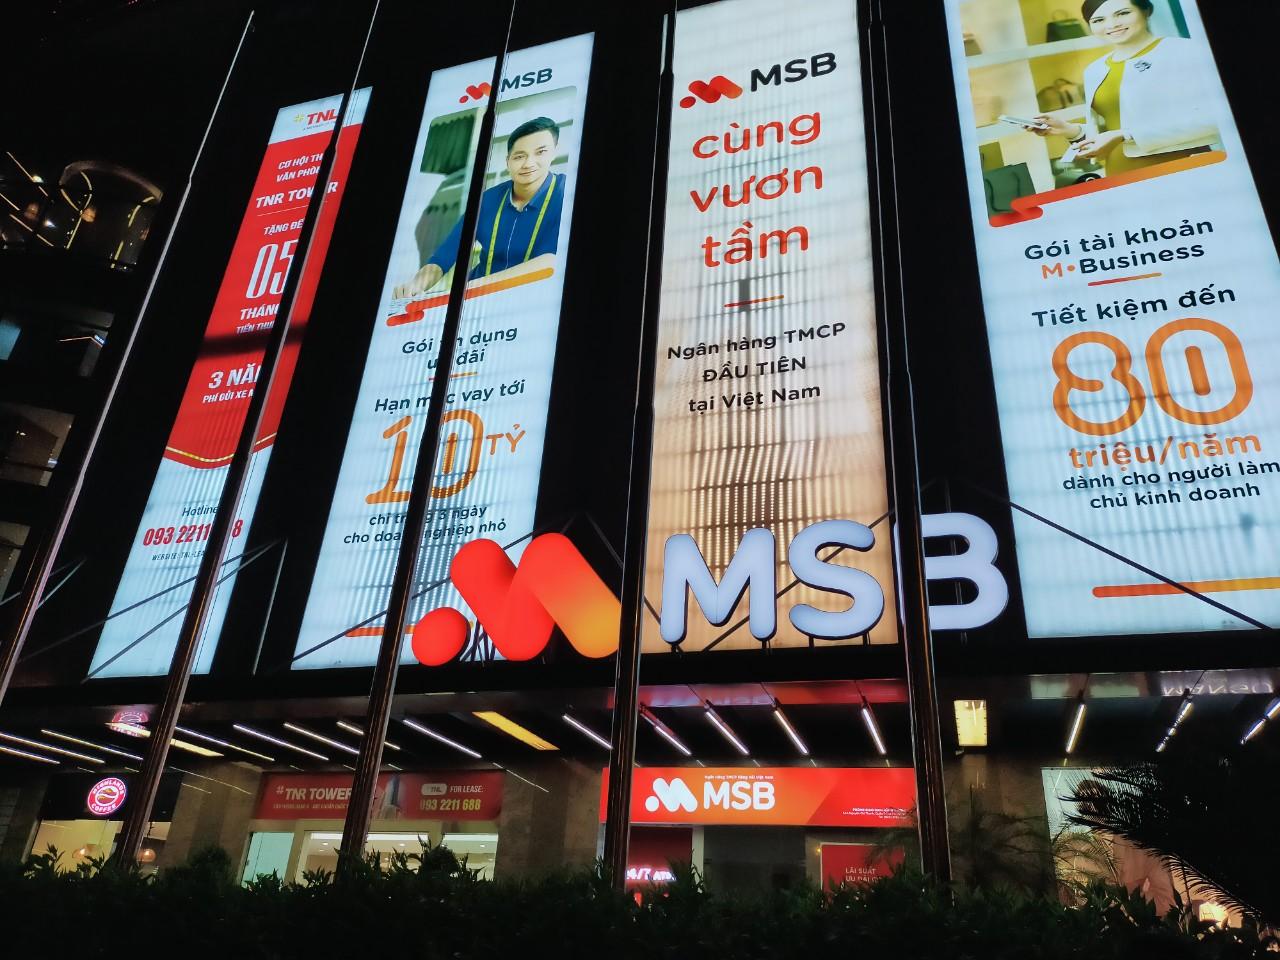 Gần 21,8 triệu cổ phần MSB được chuyển nhượng trước thềm lên HOSE - Ảnh 1.